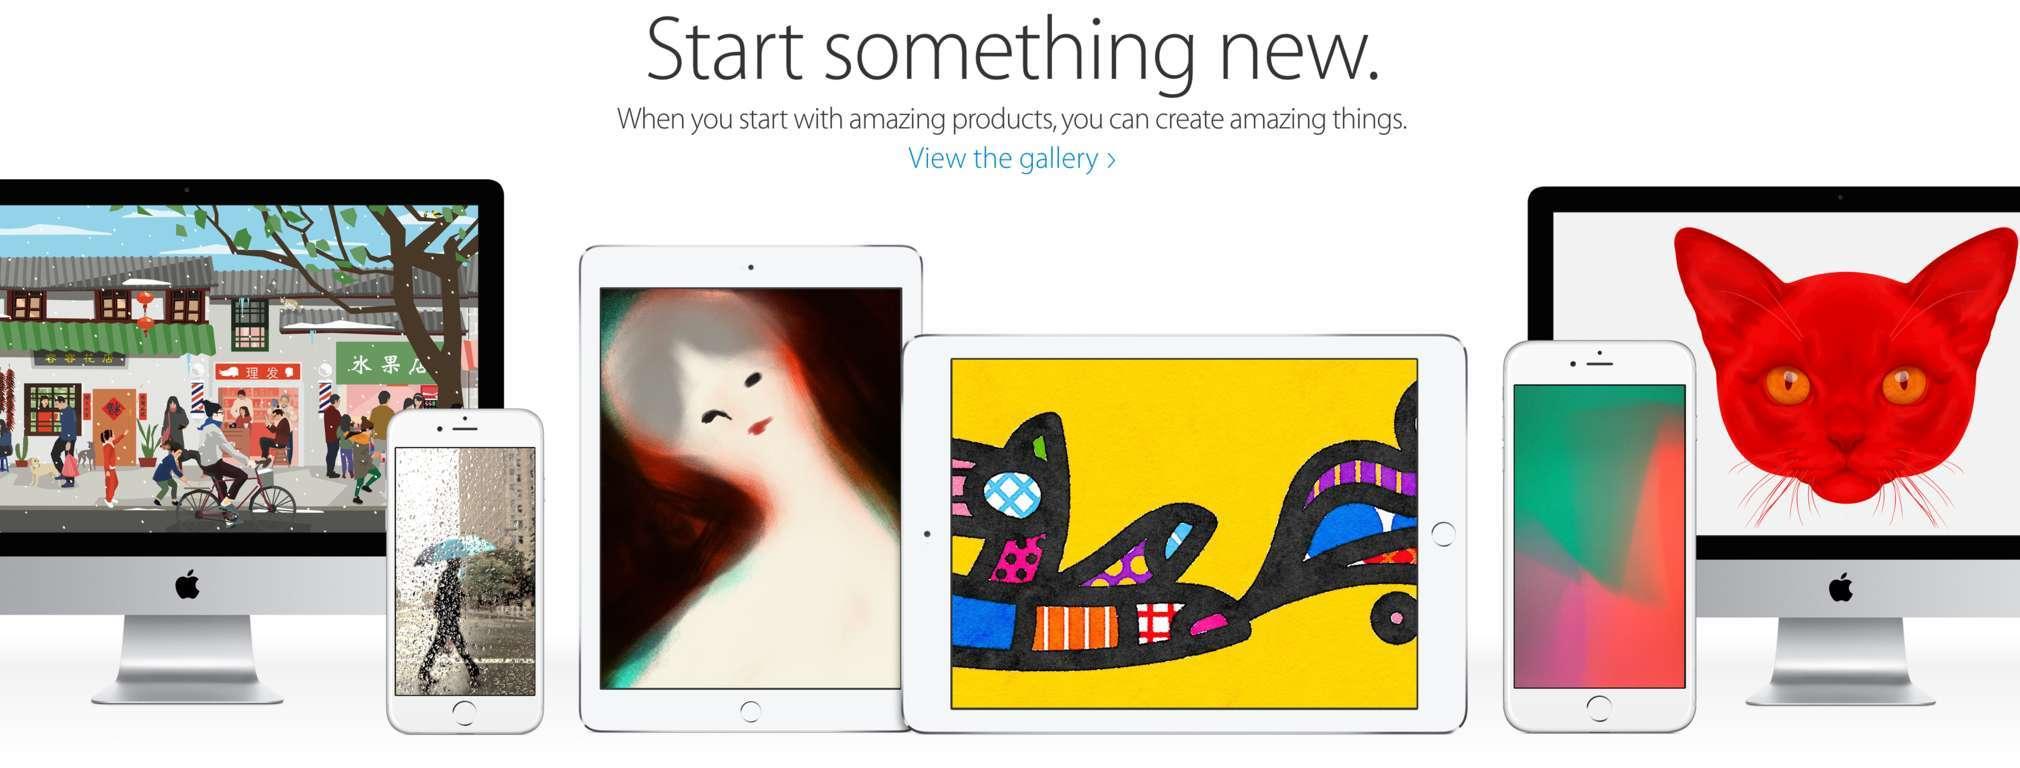 apple-start-something-new